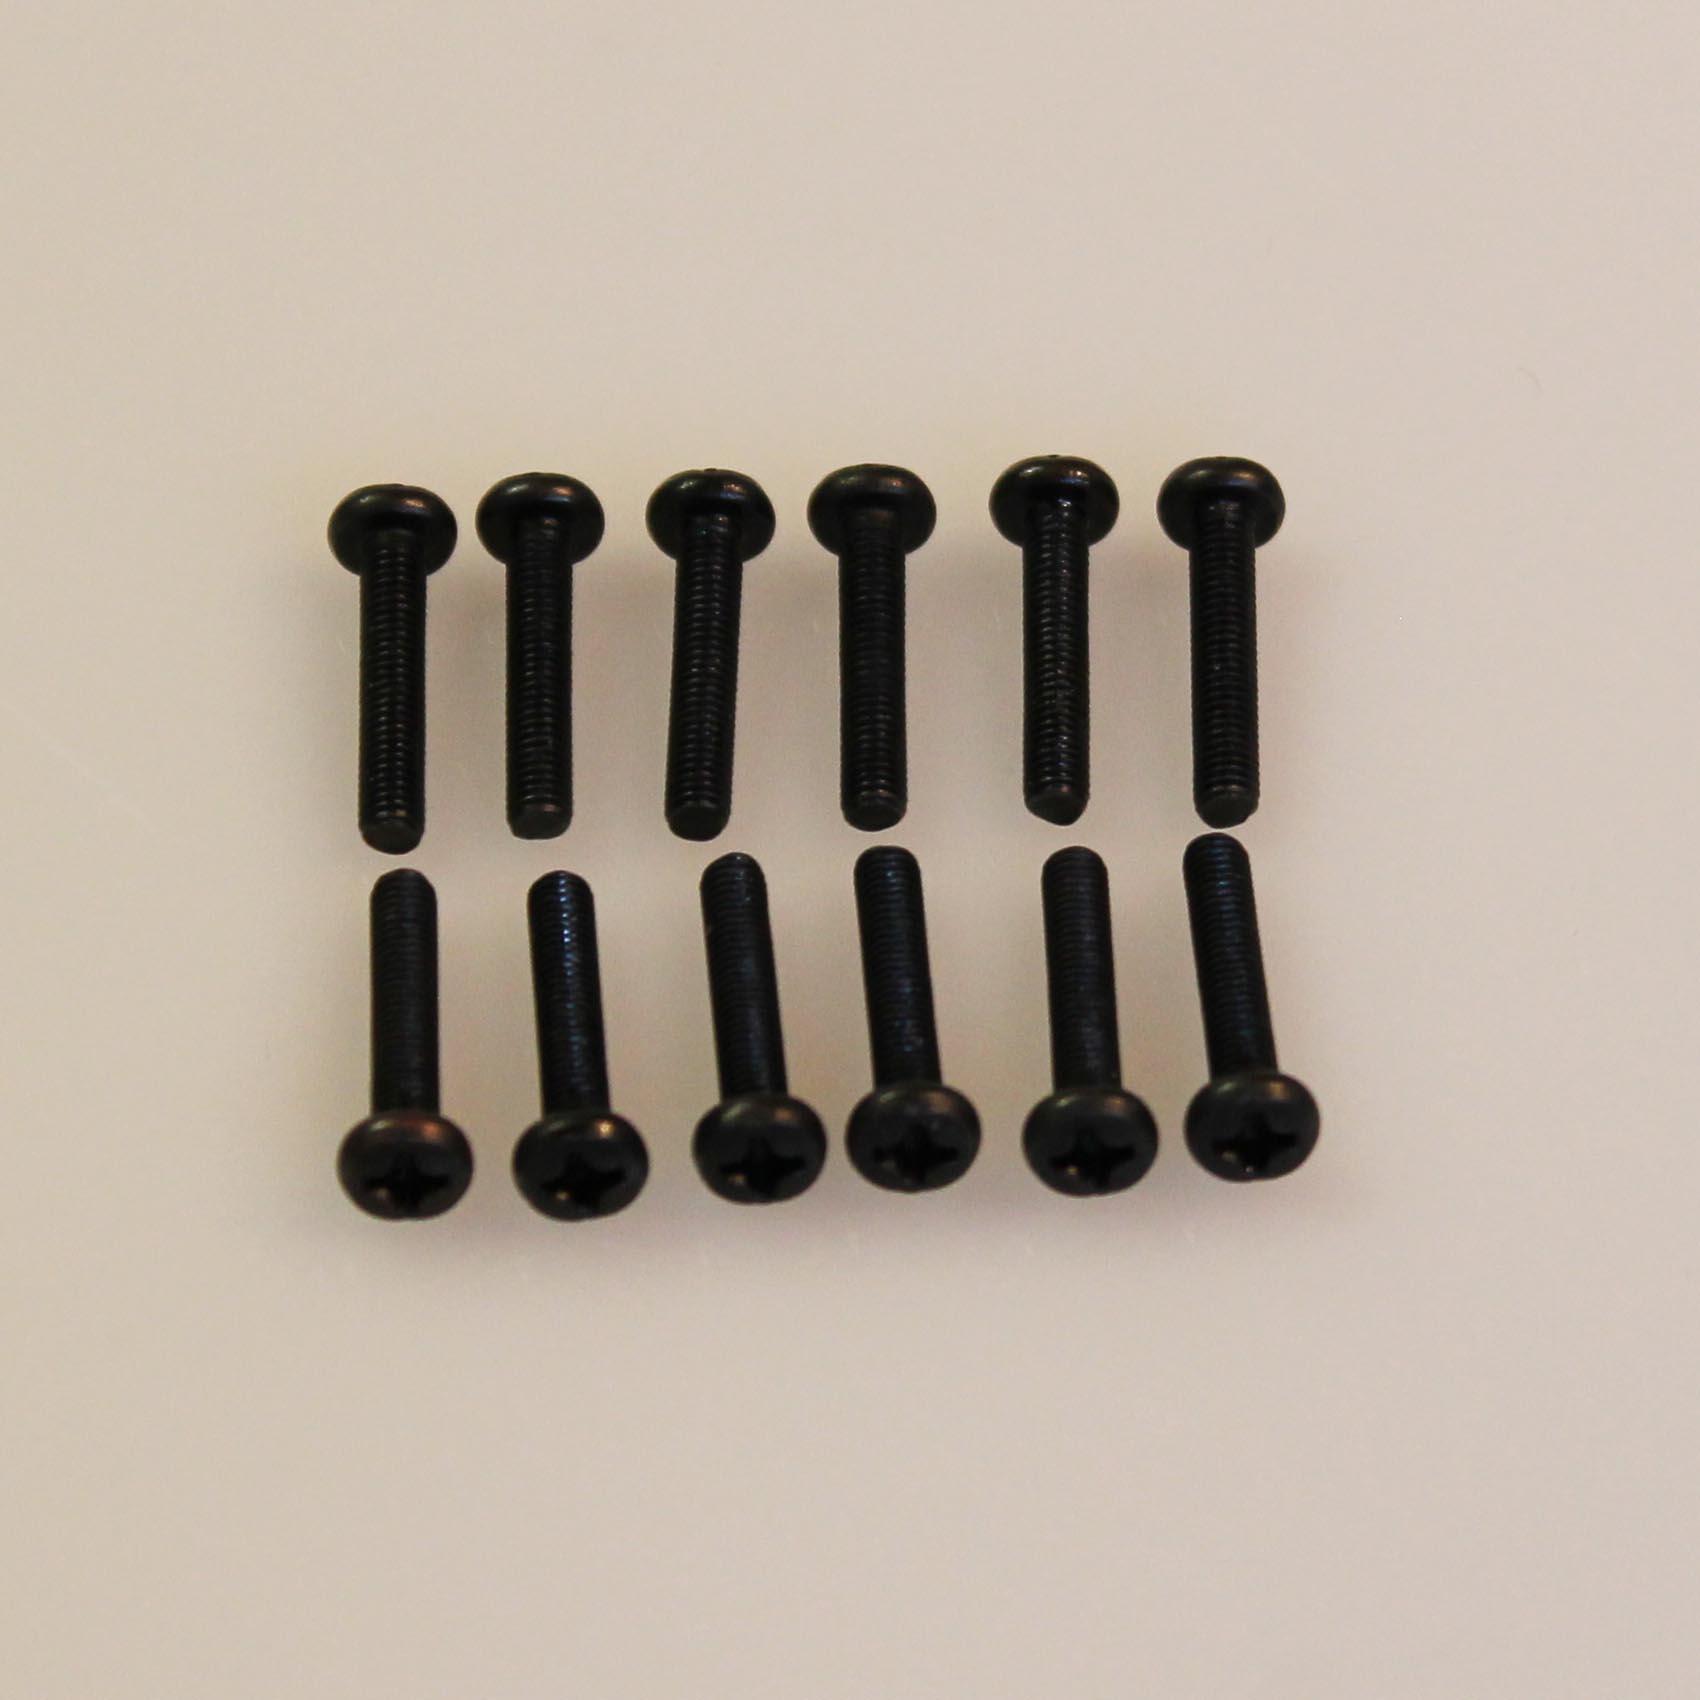 Šrouby s jemným závitem M4x12 (12ks, pro 3030, 3060,3072)